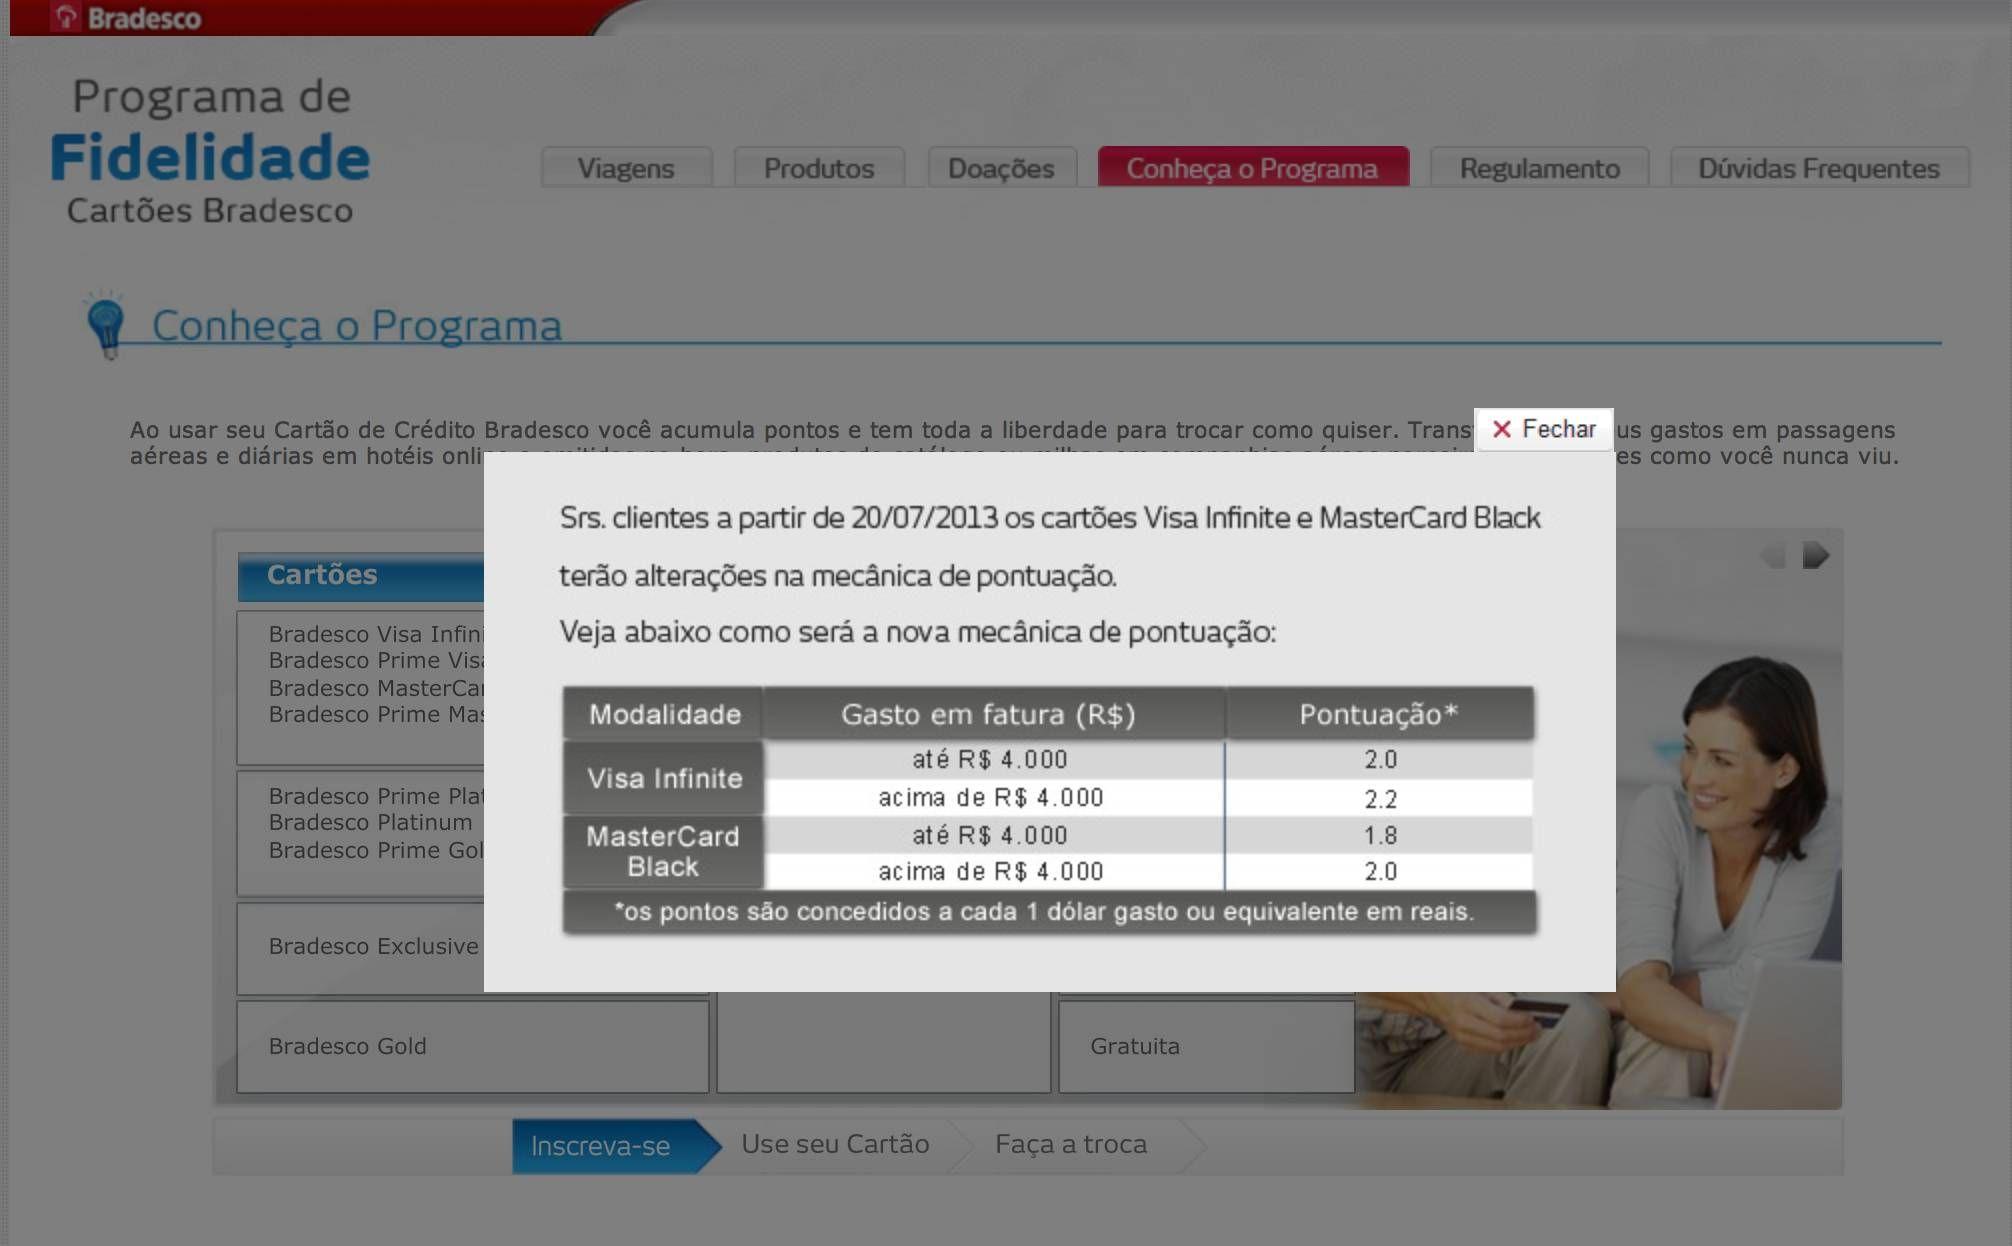 Bradesco Fidelidade altera pontuação do Mastercard Black e Visa Infinite de acordo com o gasto do cliente